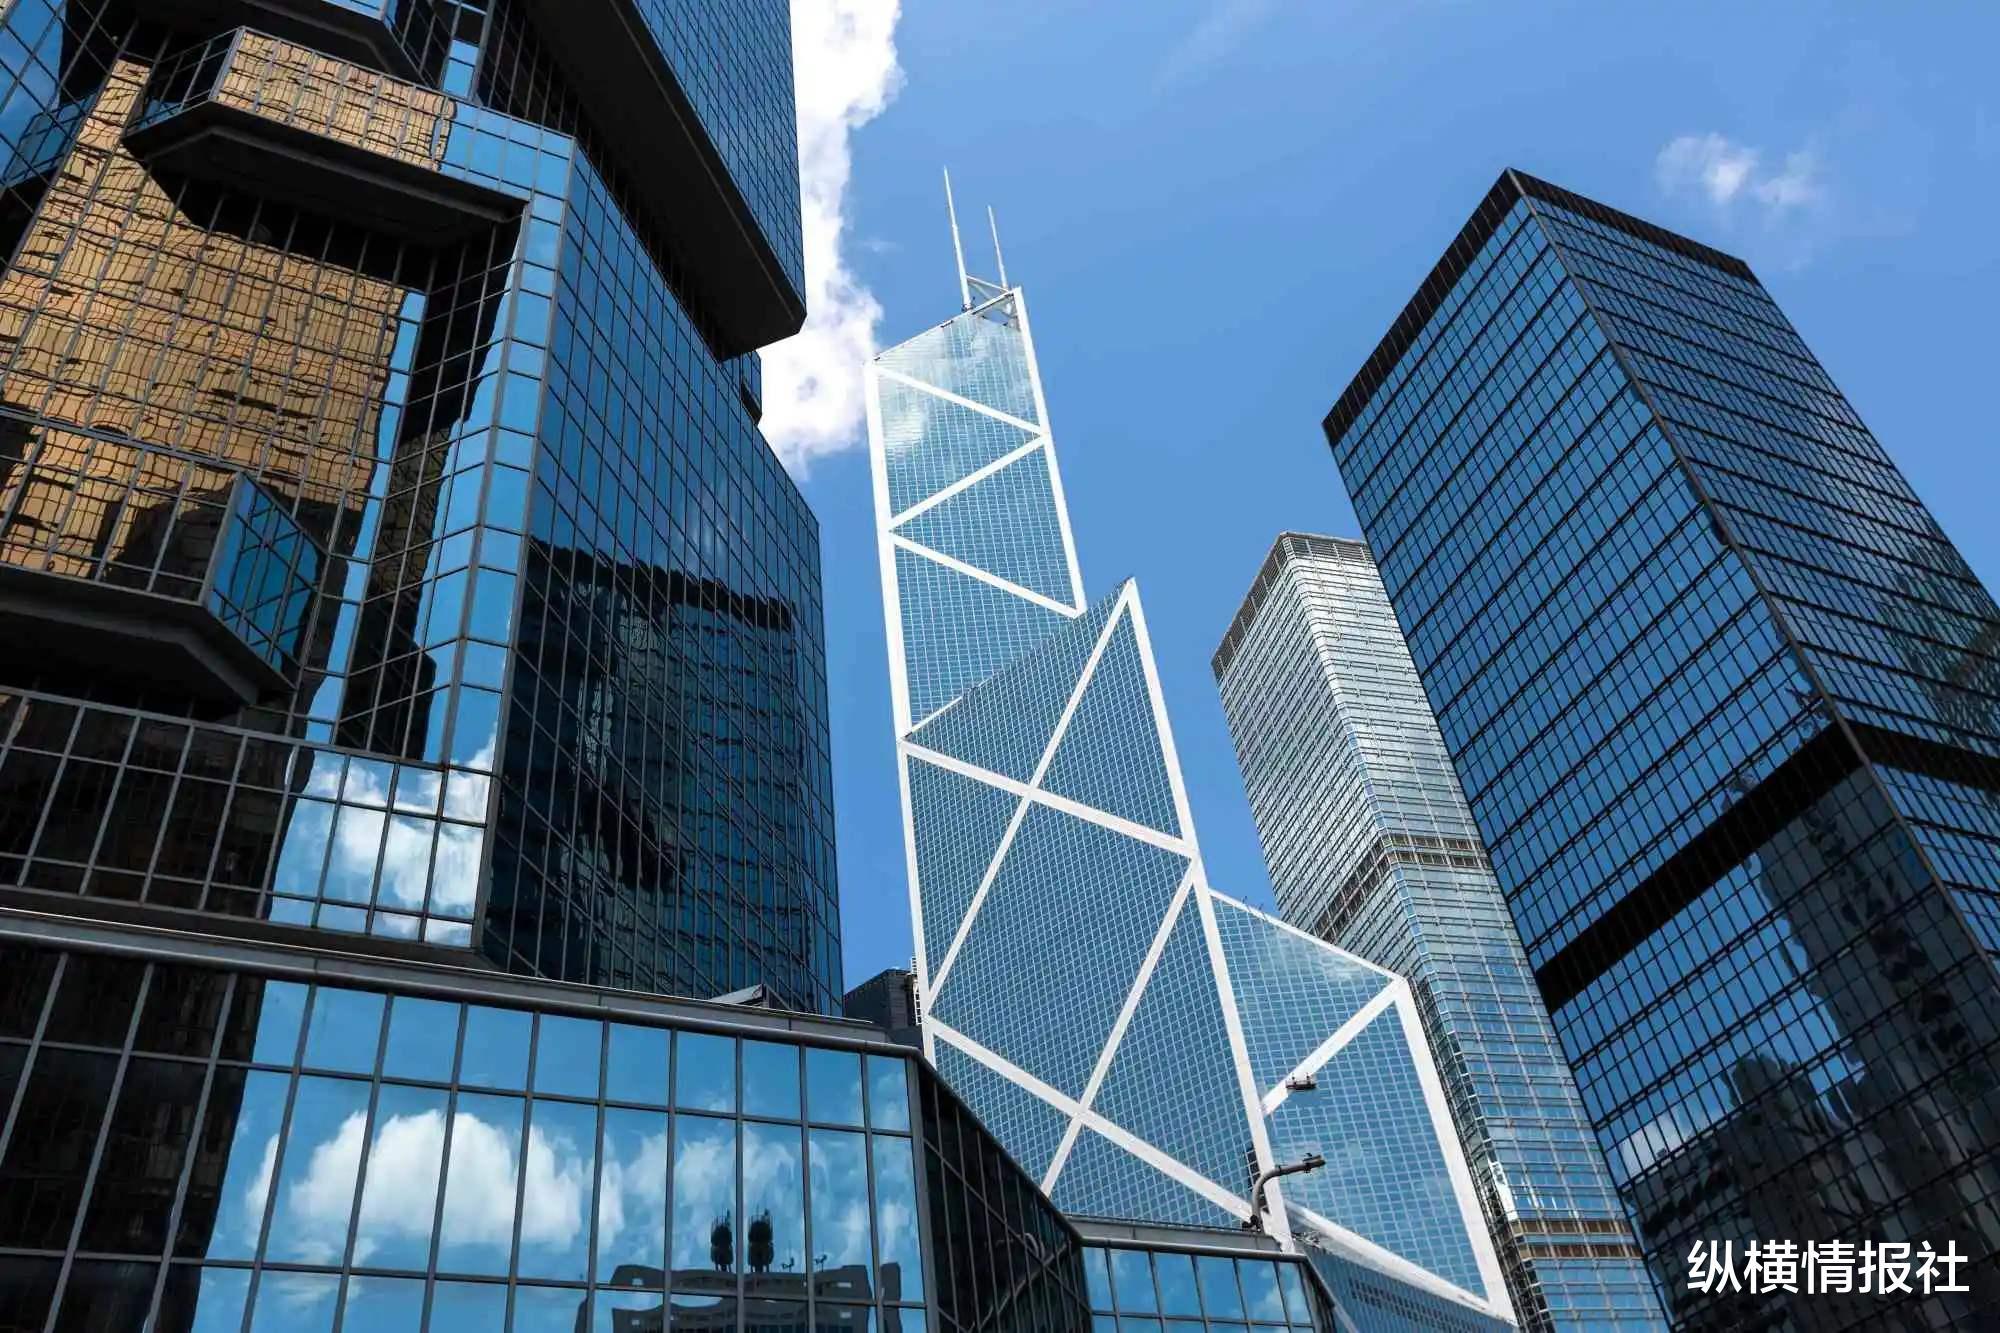 """9成收入依賴中國,卻在背後玩弄""""小伎倆"""",被揭穿後直接虧5千億-圖3"""